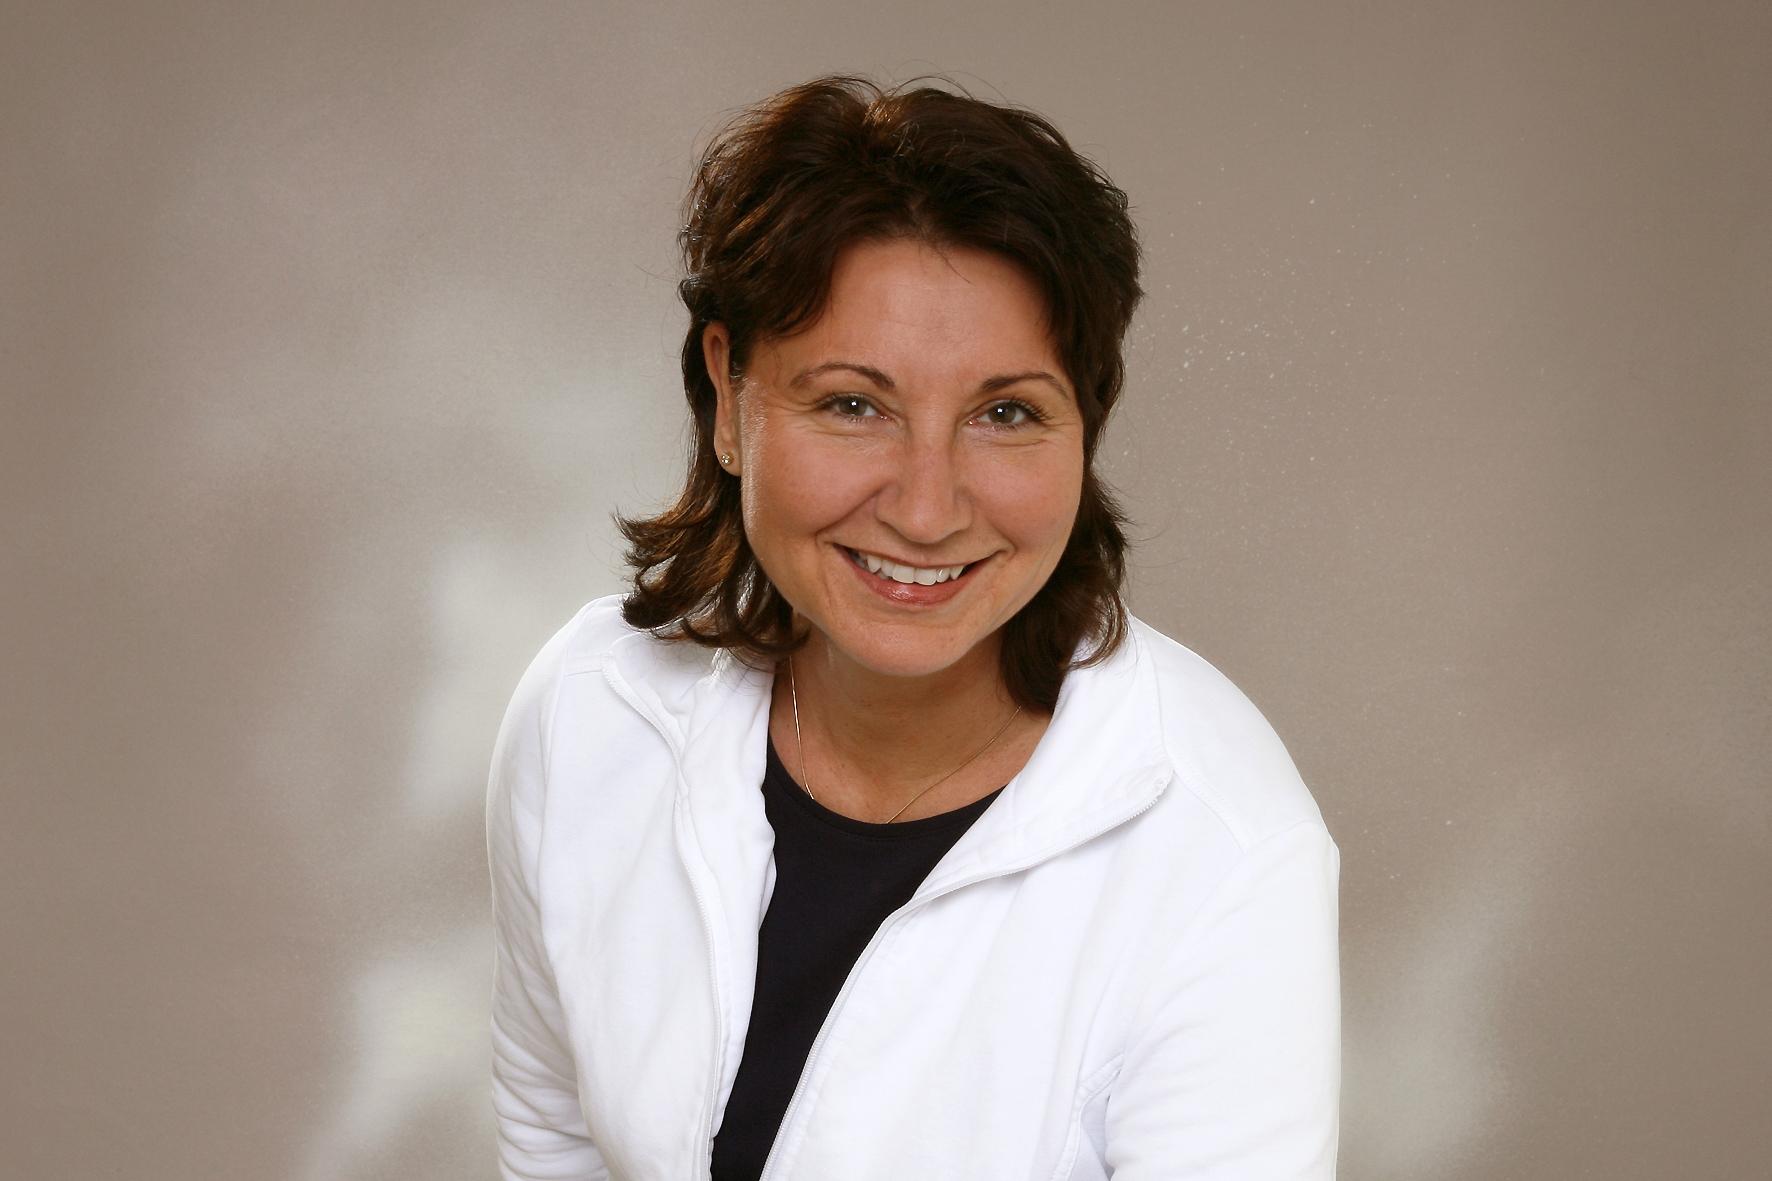 Zahnärztin Andrea Schönwald-Butte